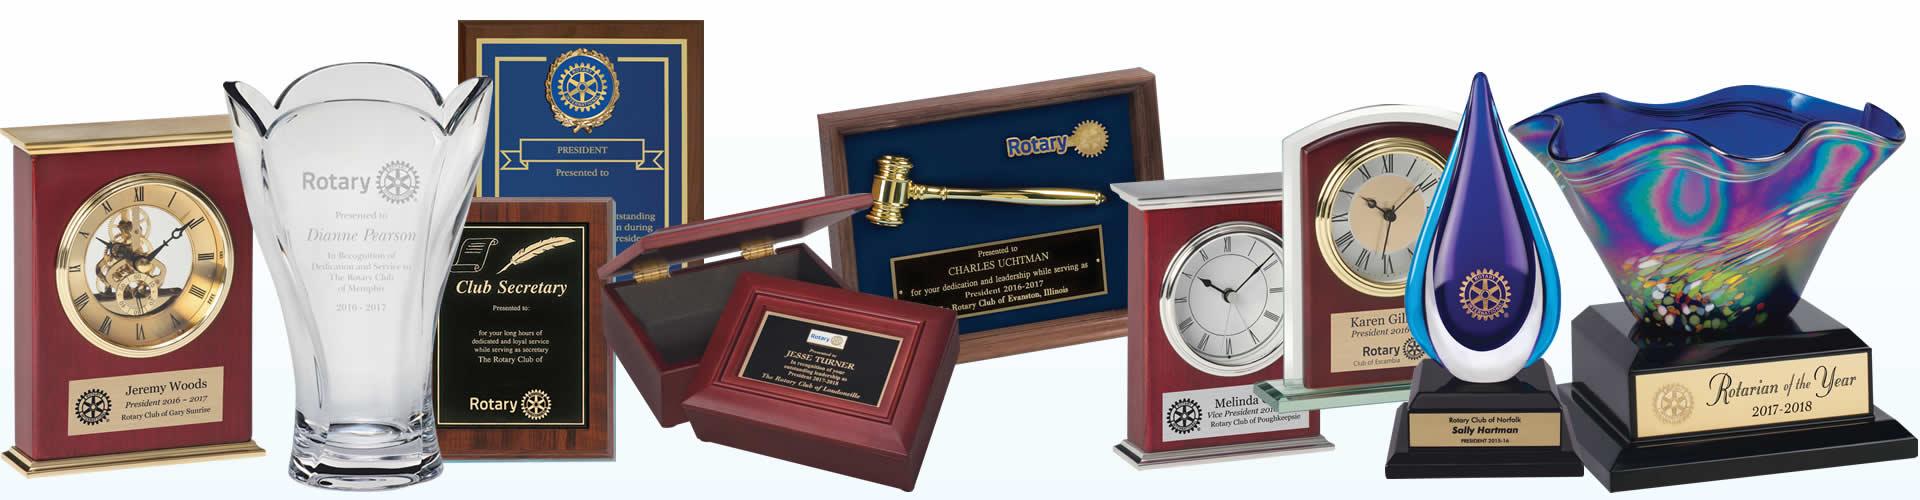 Rotary Club Awards Canada